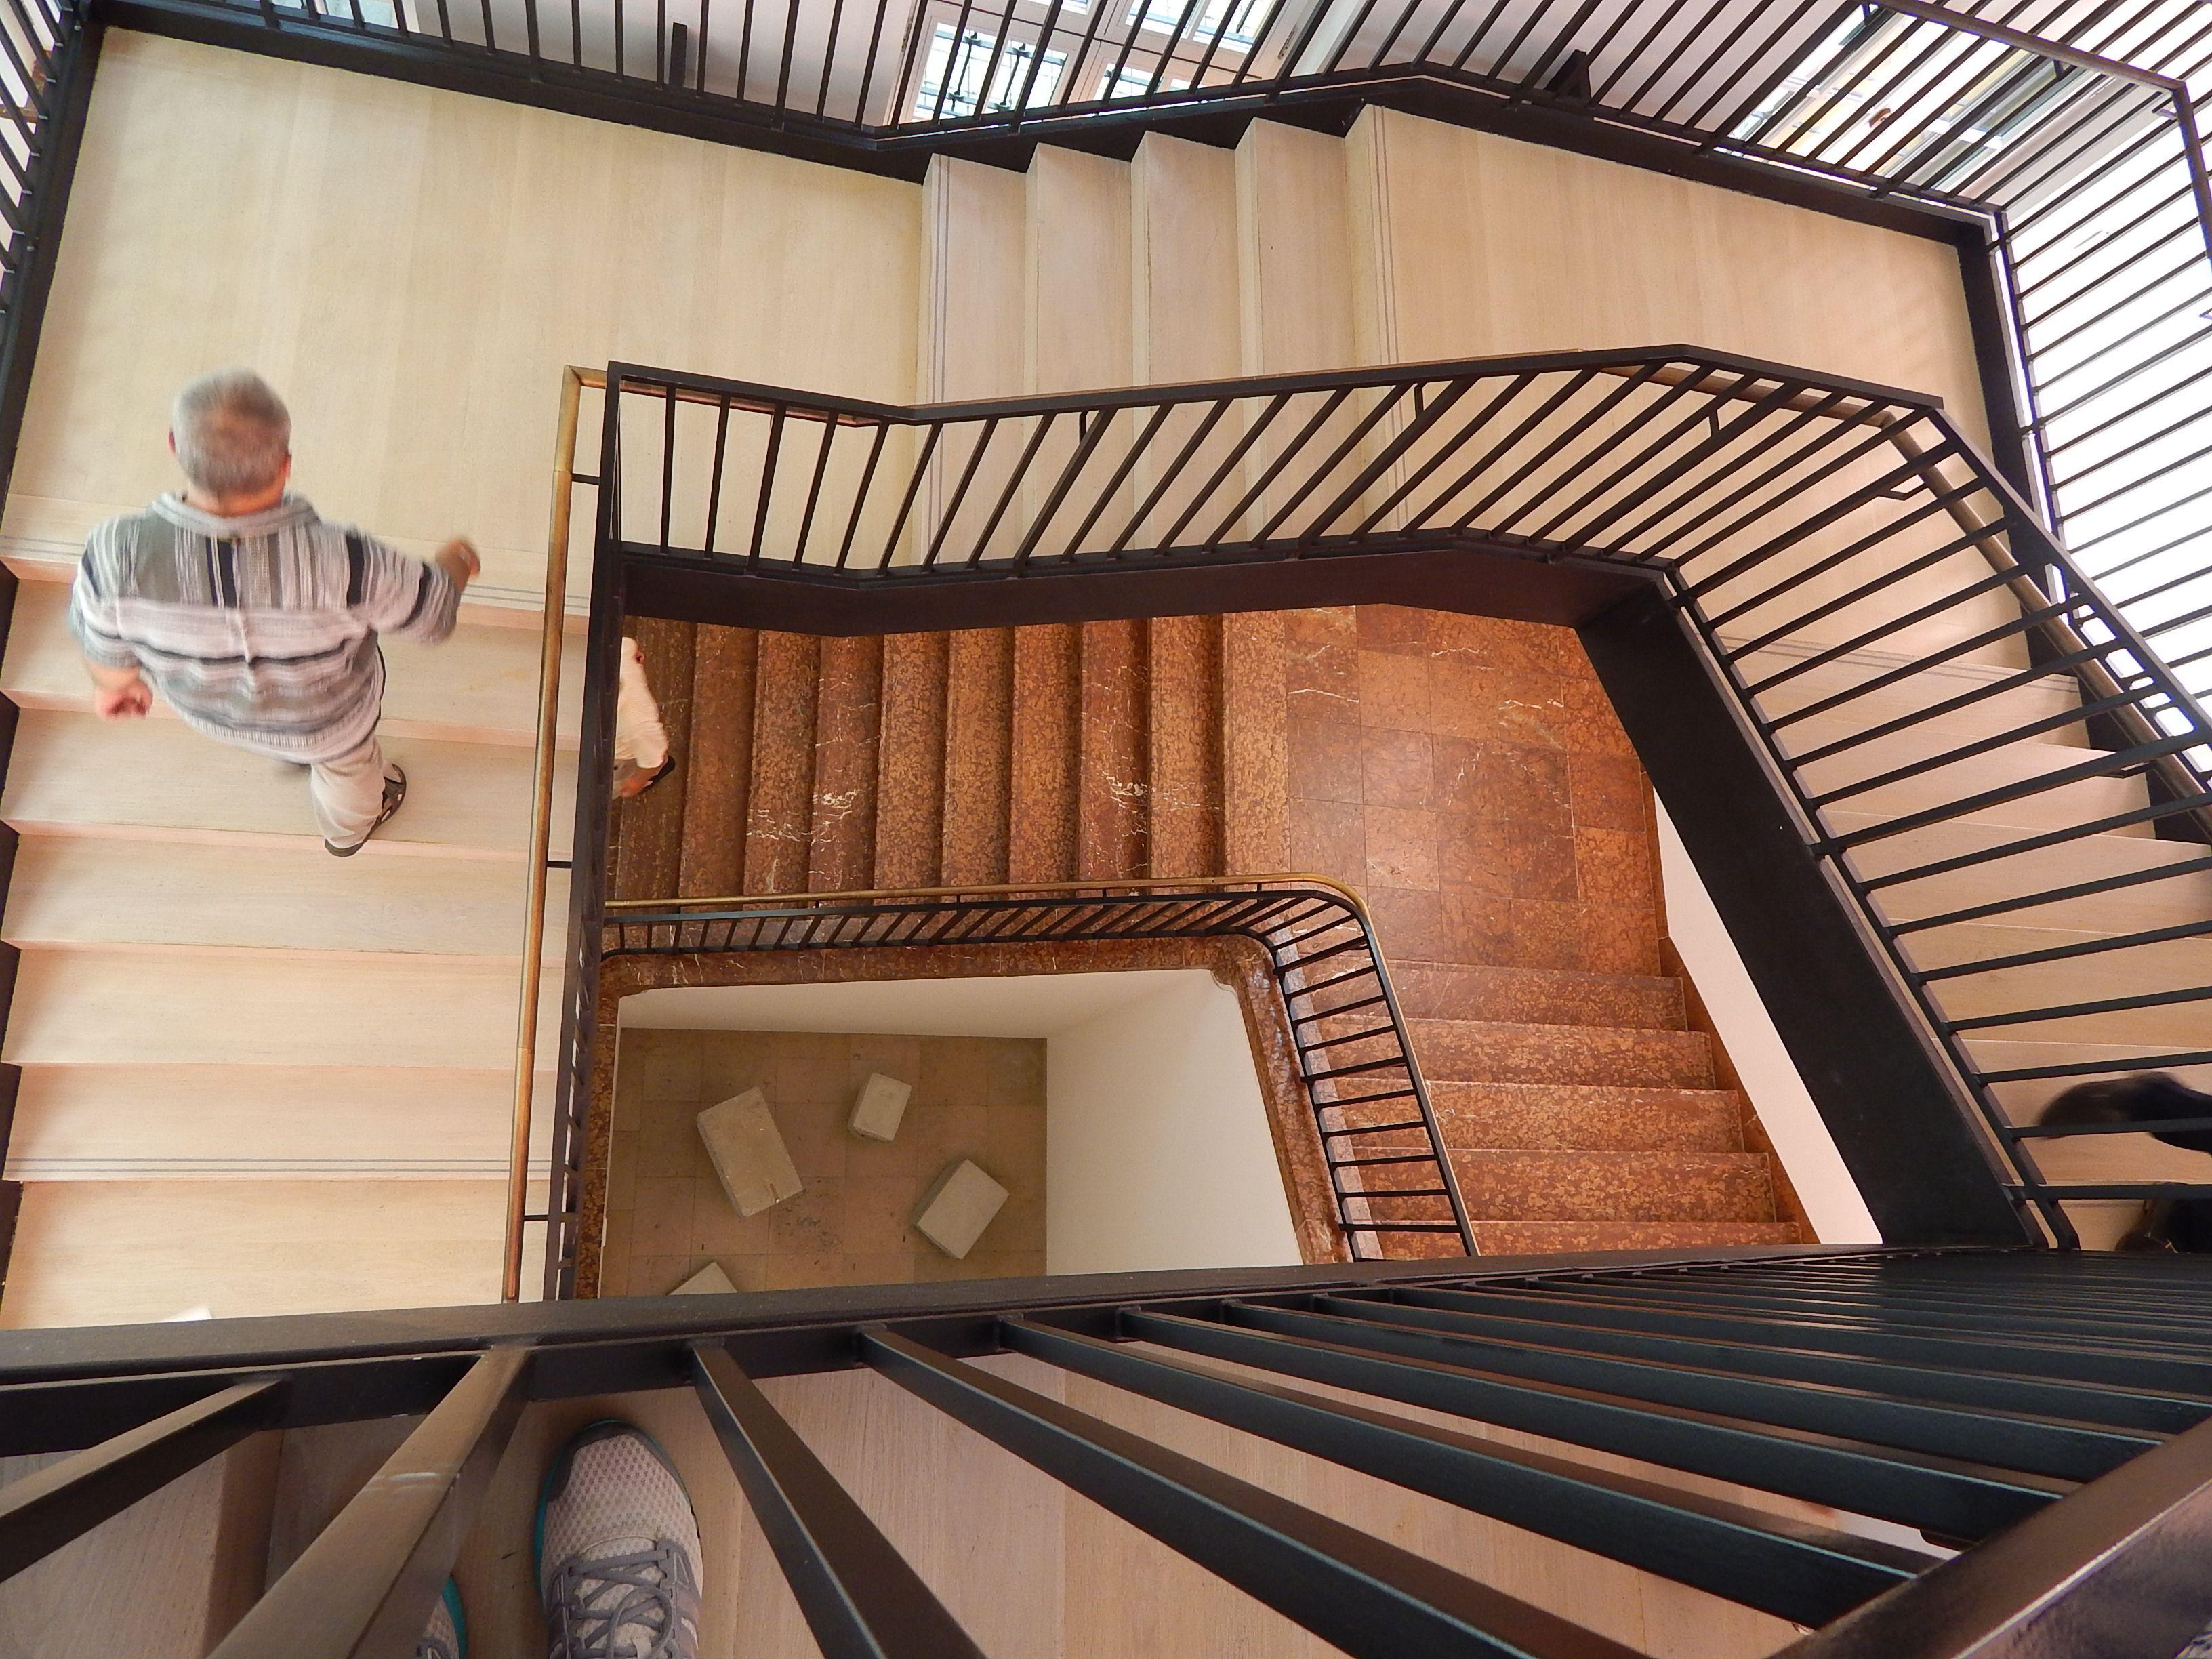 Treppen München zusammenspiel aus alten und neuen treppen im lenbachhaus in münchen